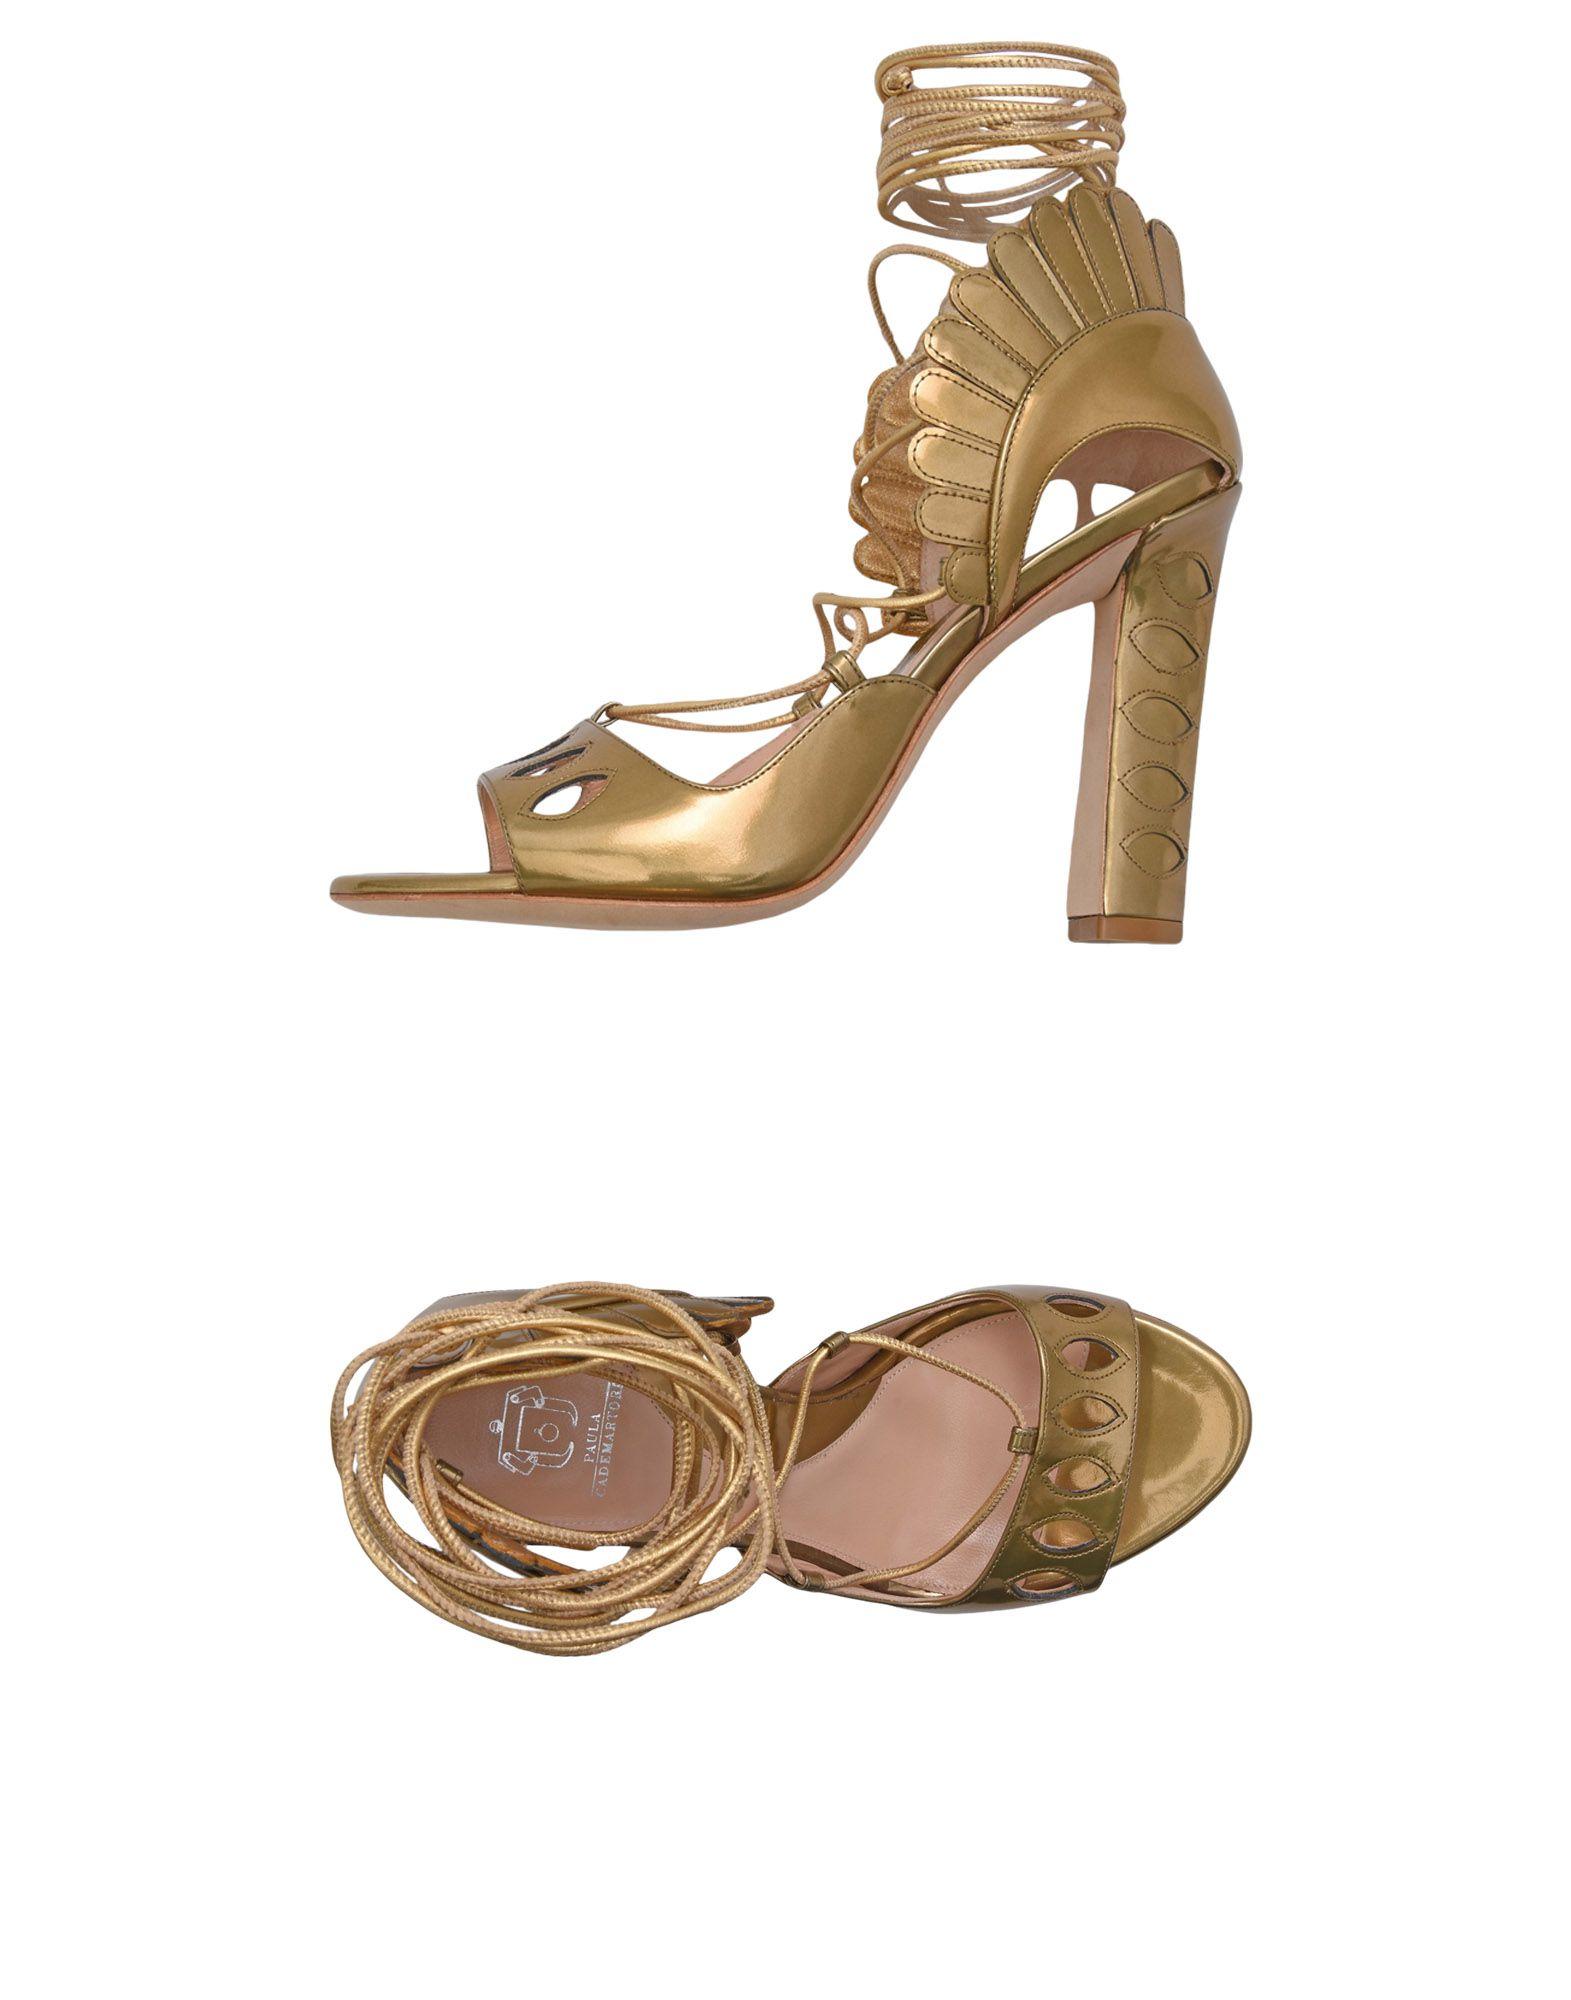 Paula Cademartori Cademartori Cademartori Sandalen Damen  11491810WS Beliebte Schuhe 481d79